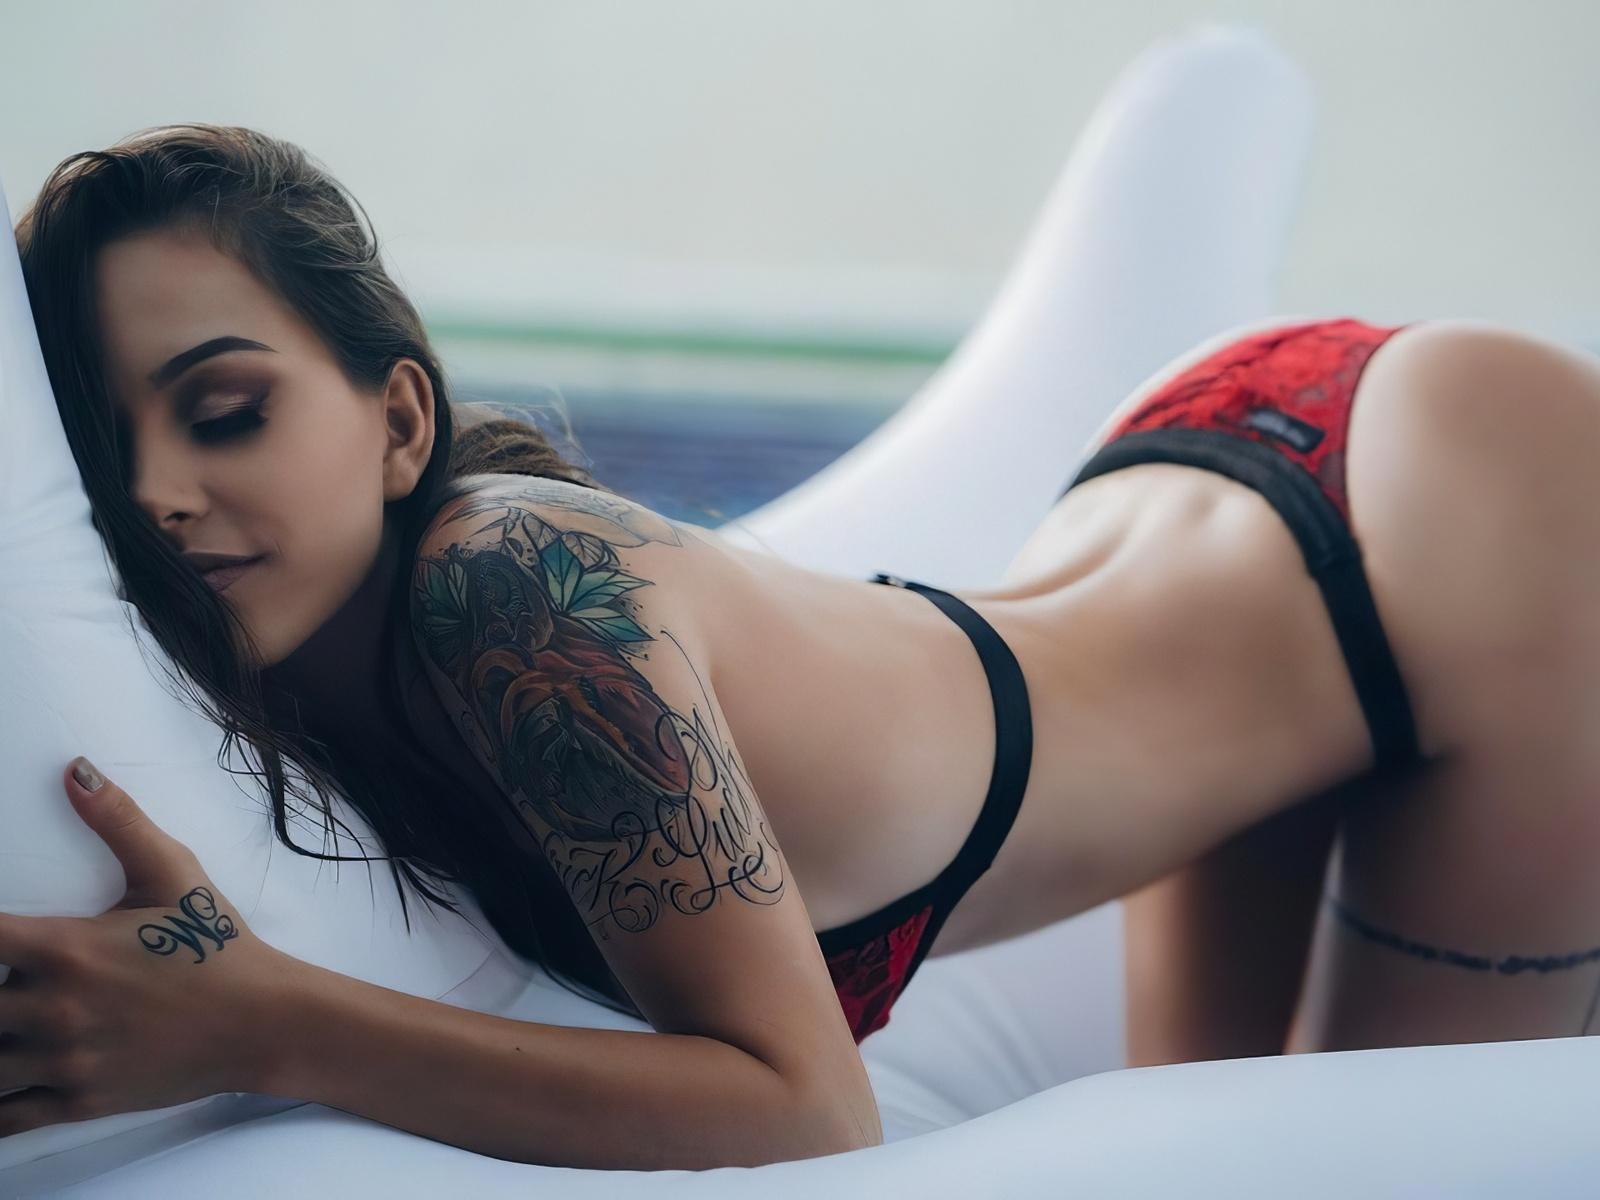 girl, brunette, sexy, woman, cute, window, bed, lingerie, pretty, panties, bra, hot, boobs, ass, tattoo